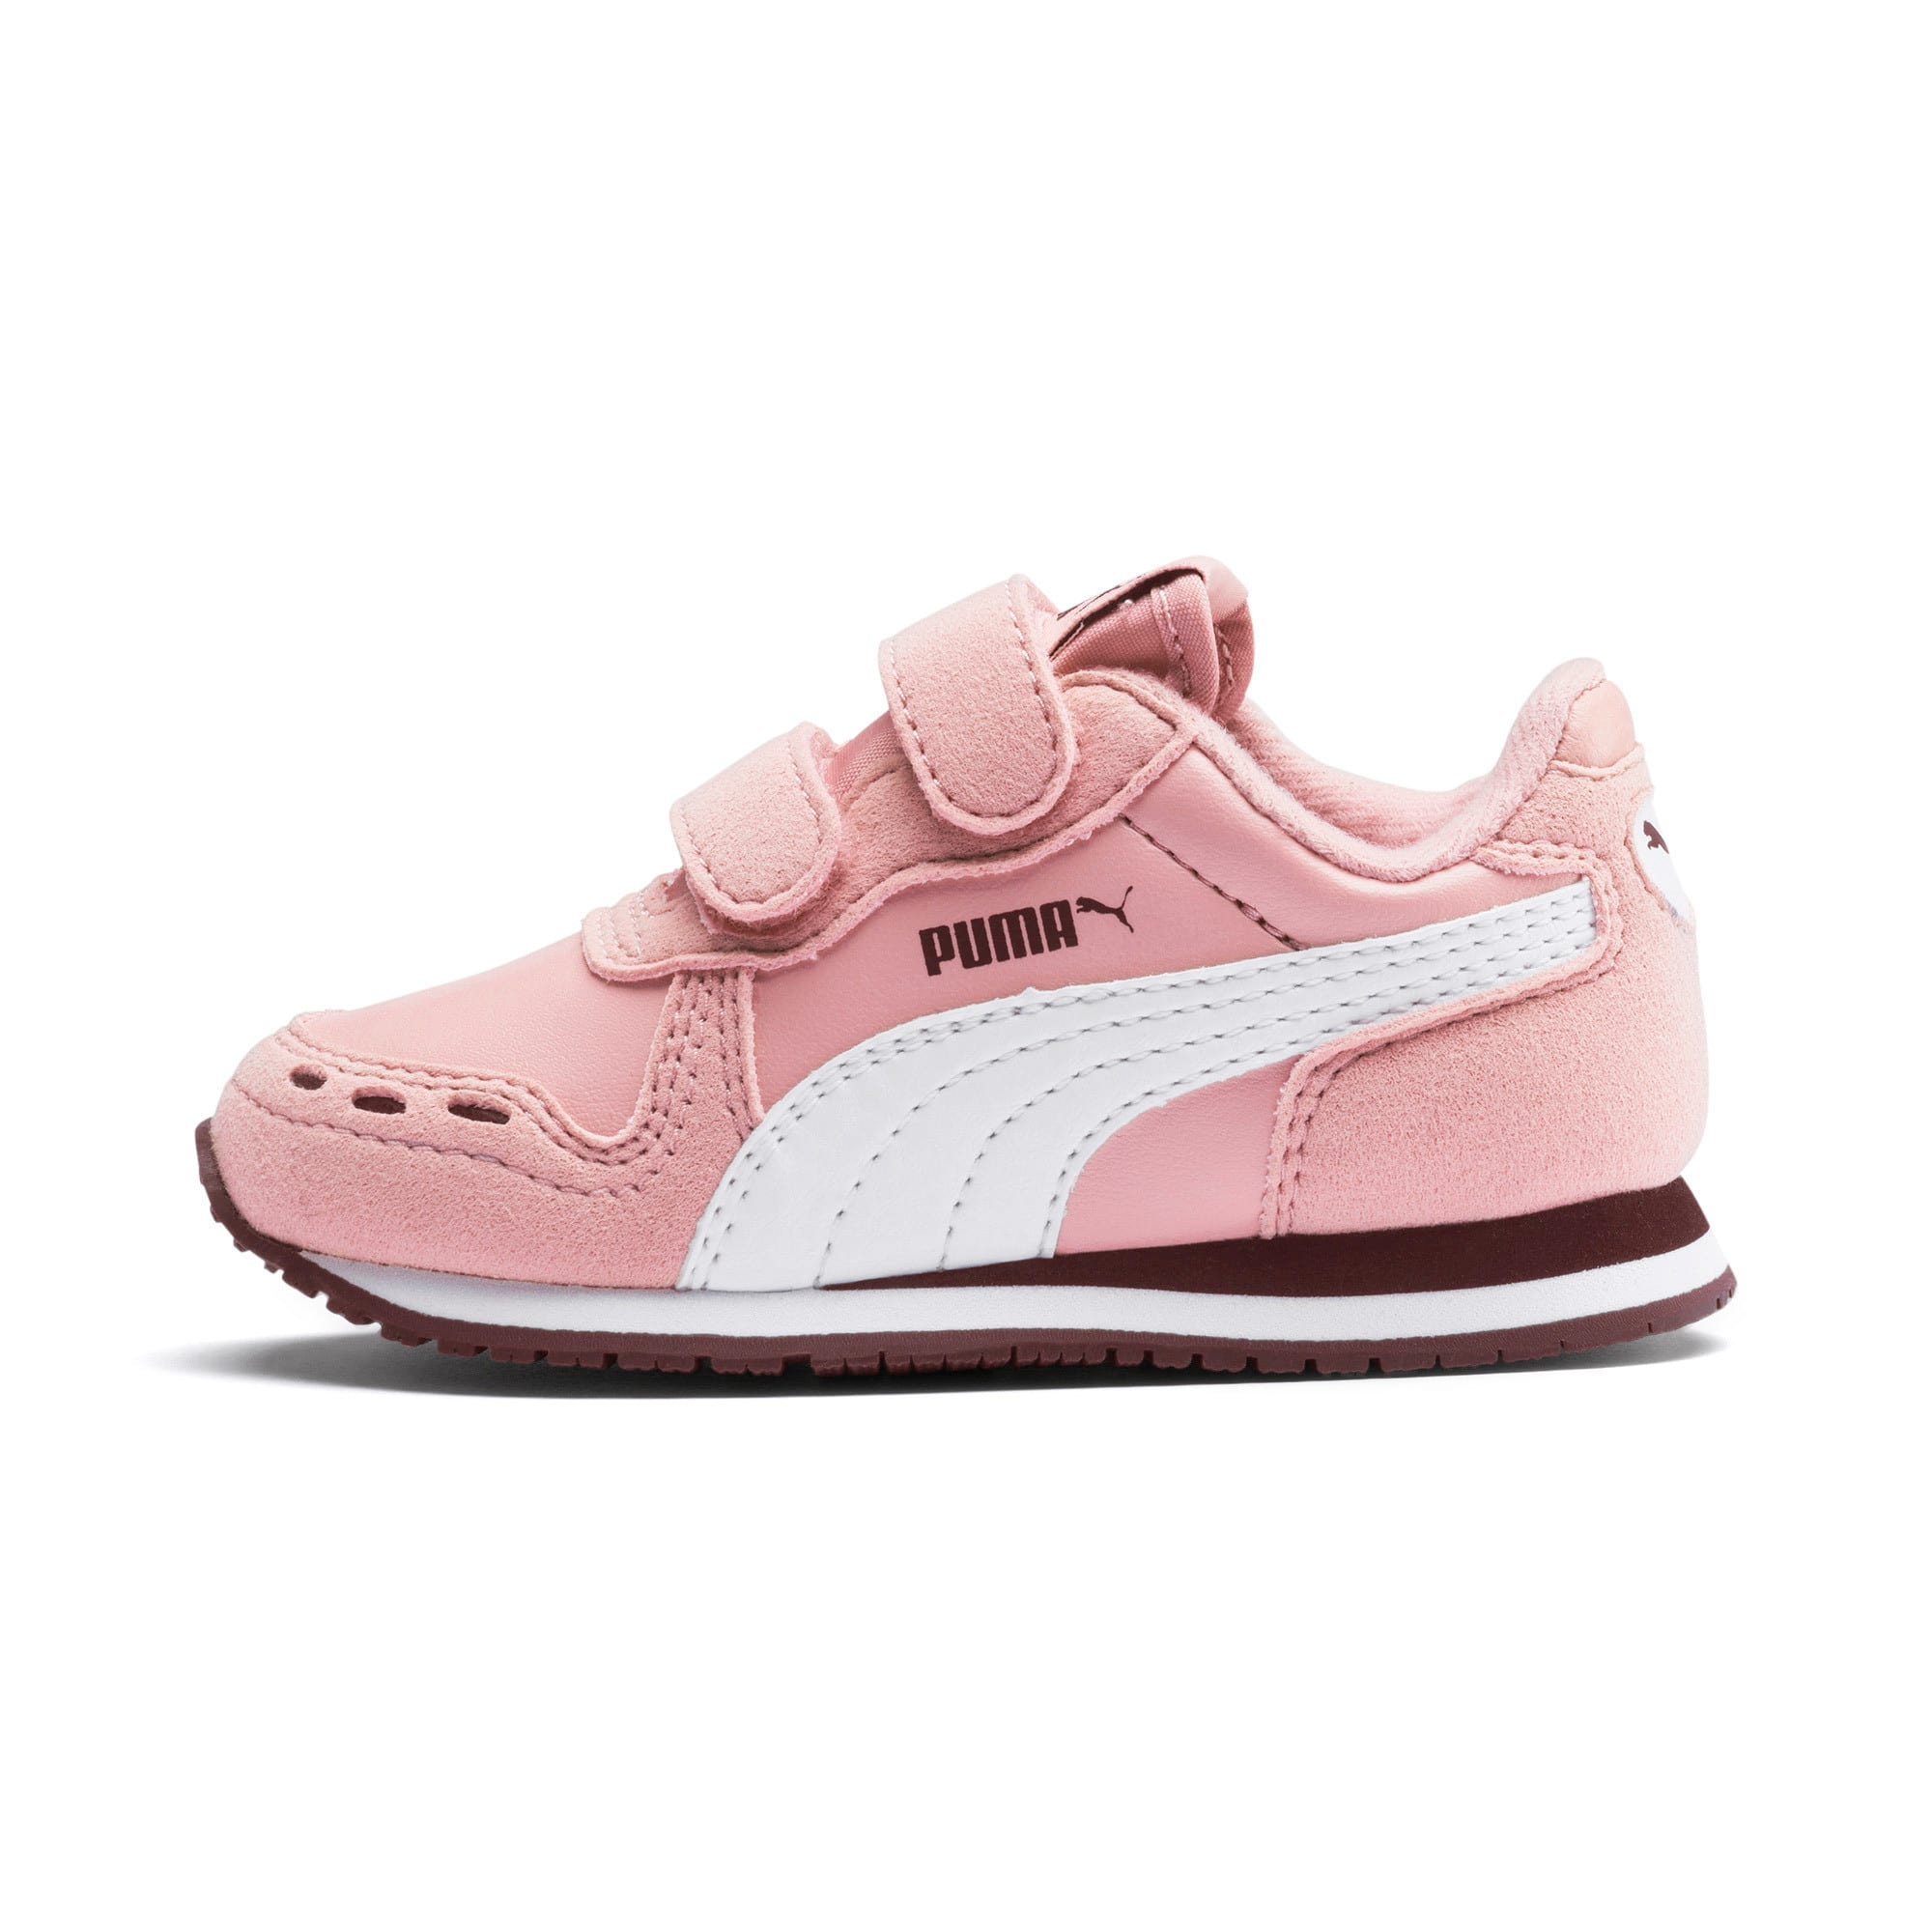 Thumbnail 1 of Cabana Racer SL Baby Trainers, Bridal Rose-Puma White, medium